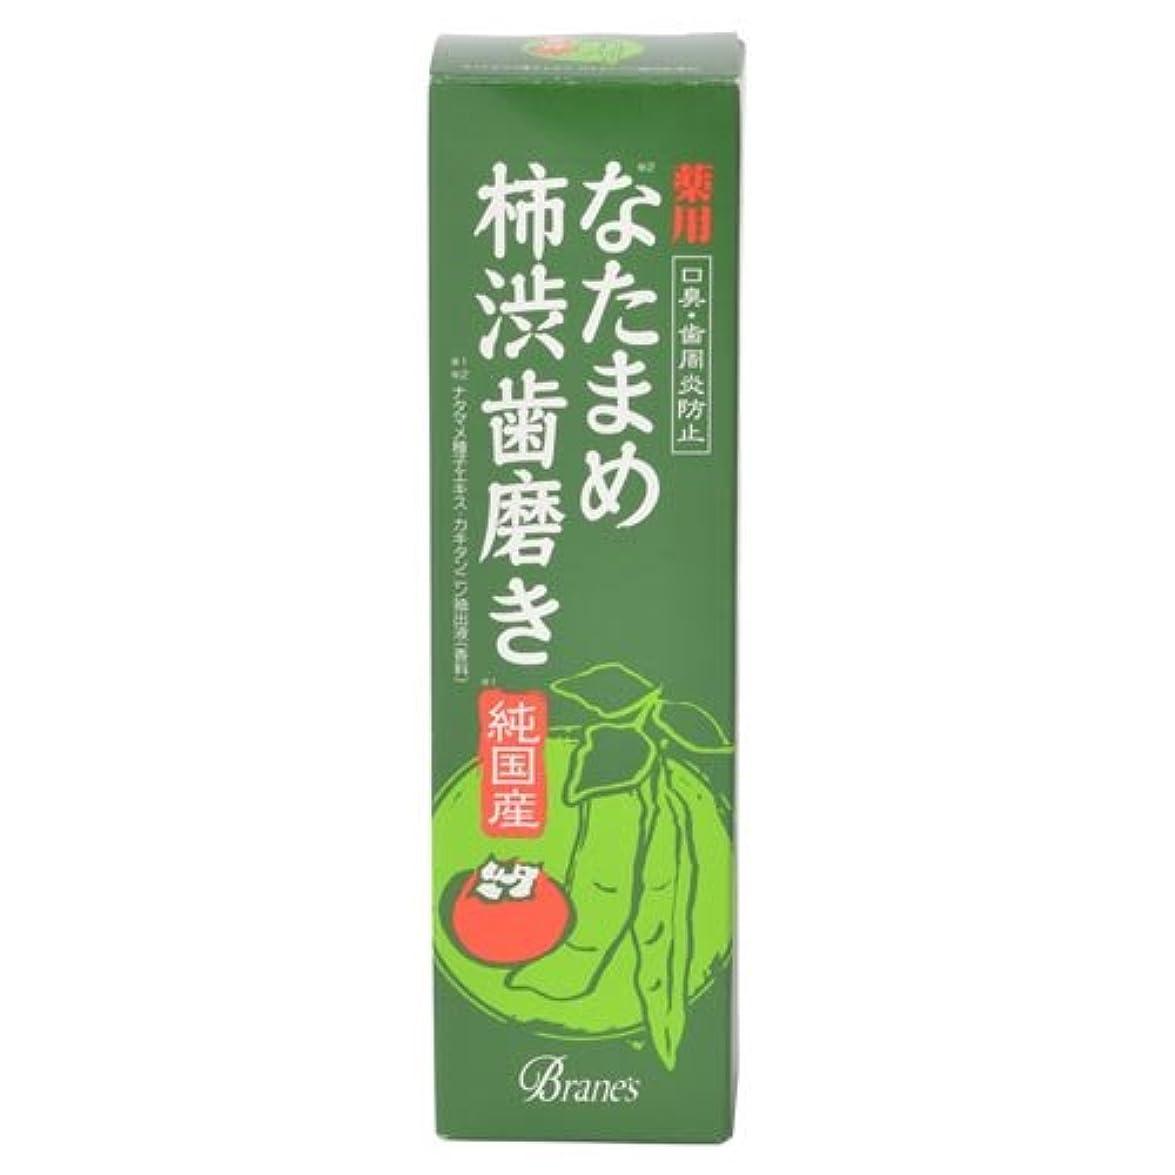 に沿ってバンラジエーター薬用なたまめ柿渋歯磨き 120g